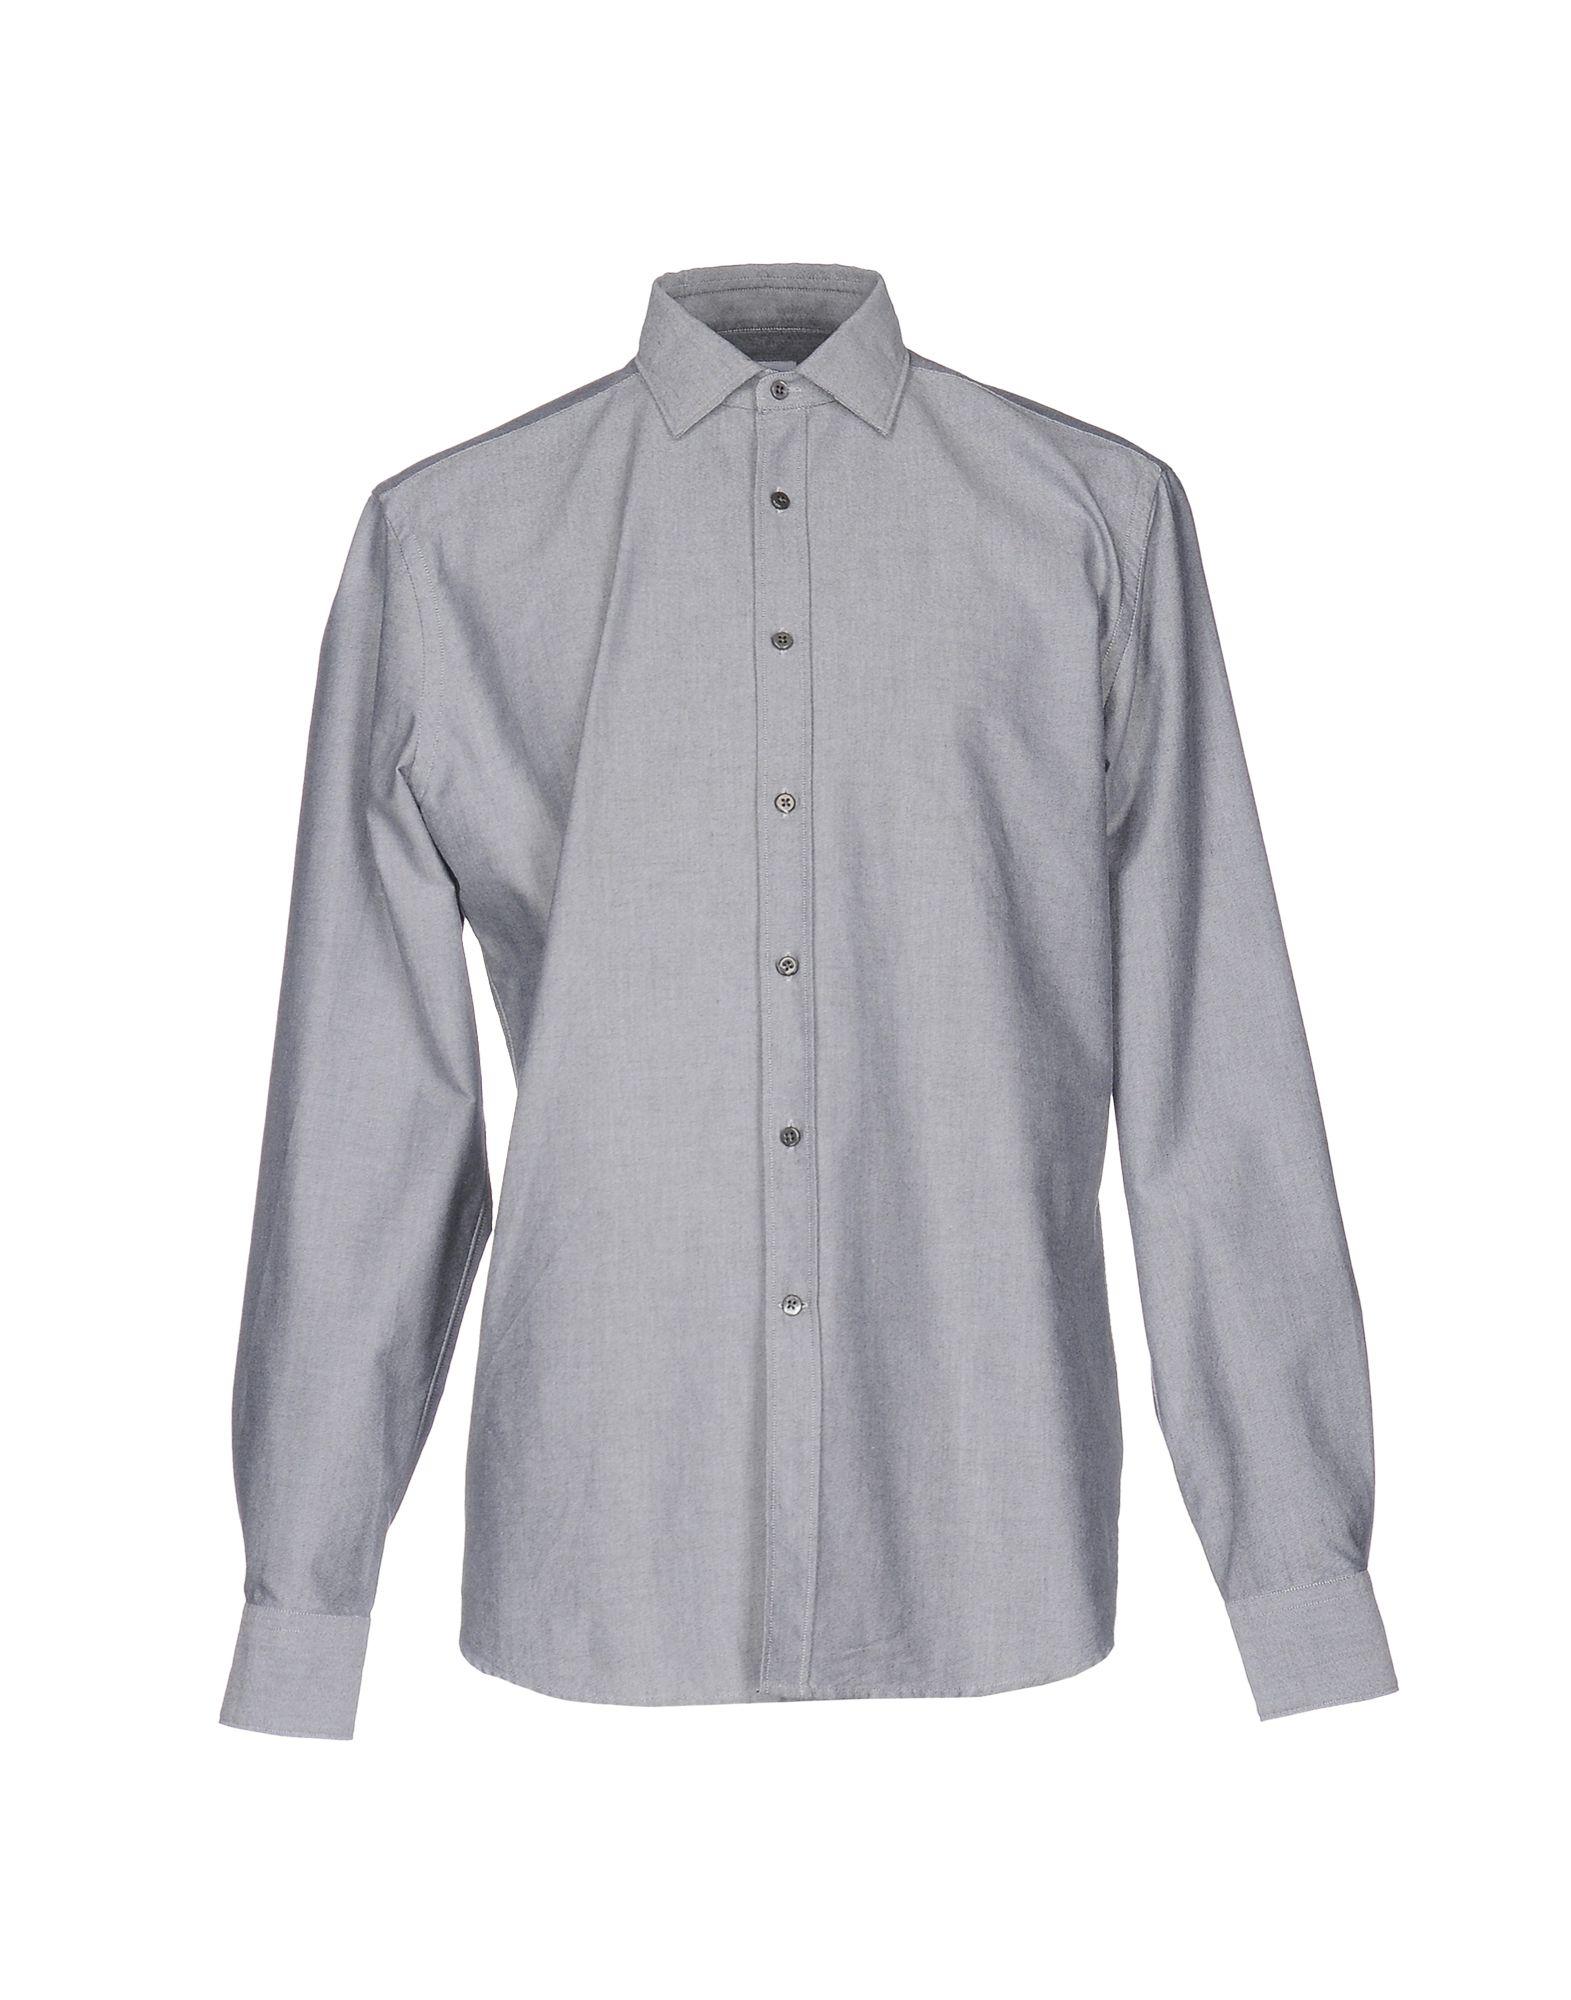 《送料無料》BAGUTTA メンズ シャツ グレー XL コットン 100%